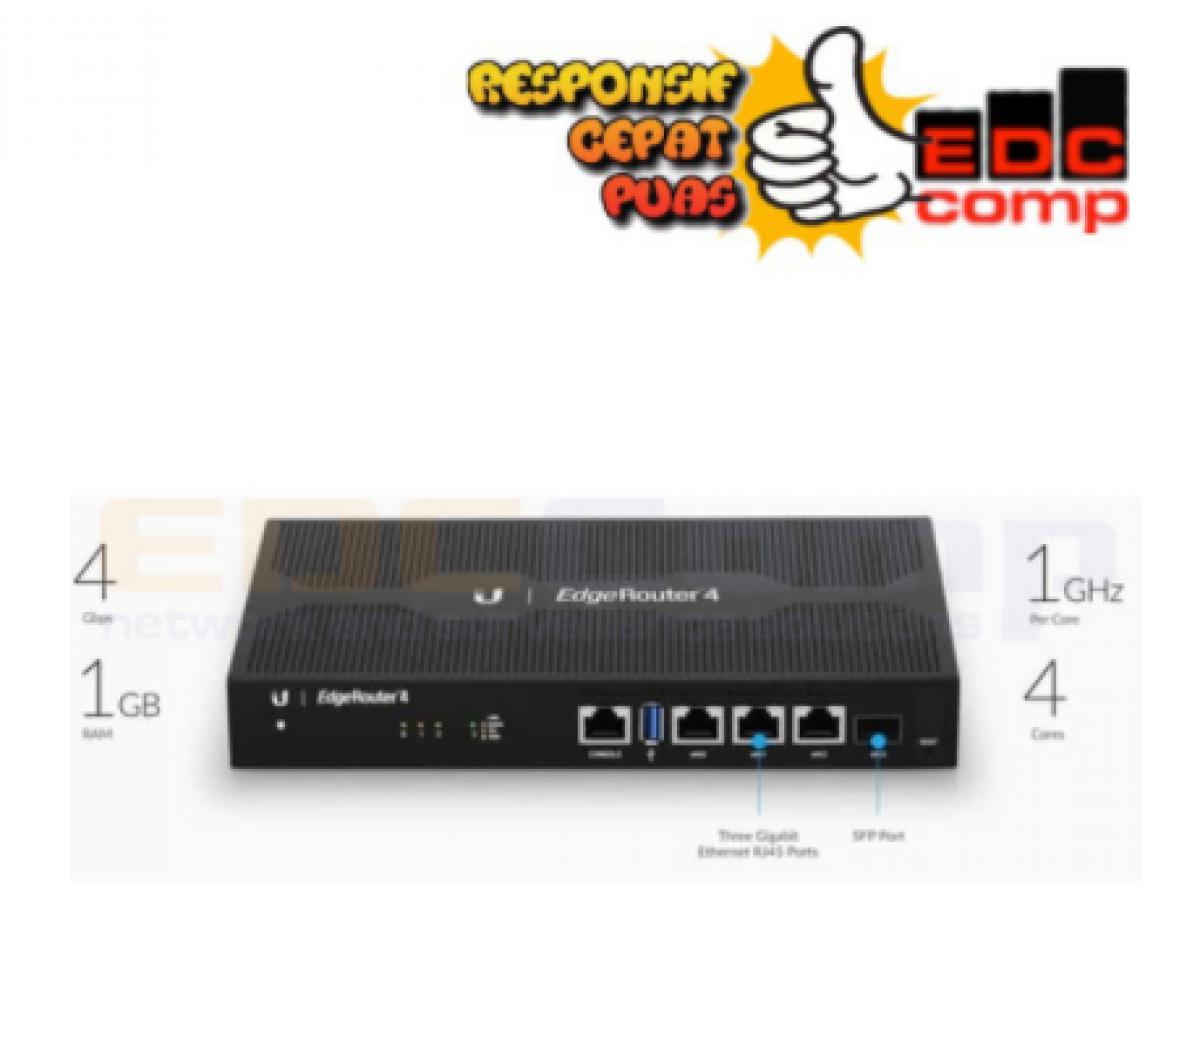 Ubiquiti ER-4 - UBNT EdgeRouter 4 - EdcComp